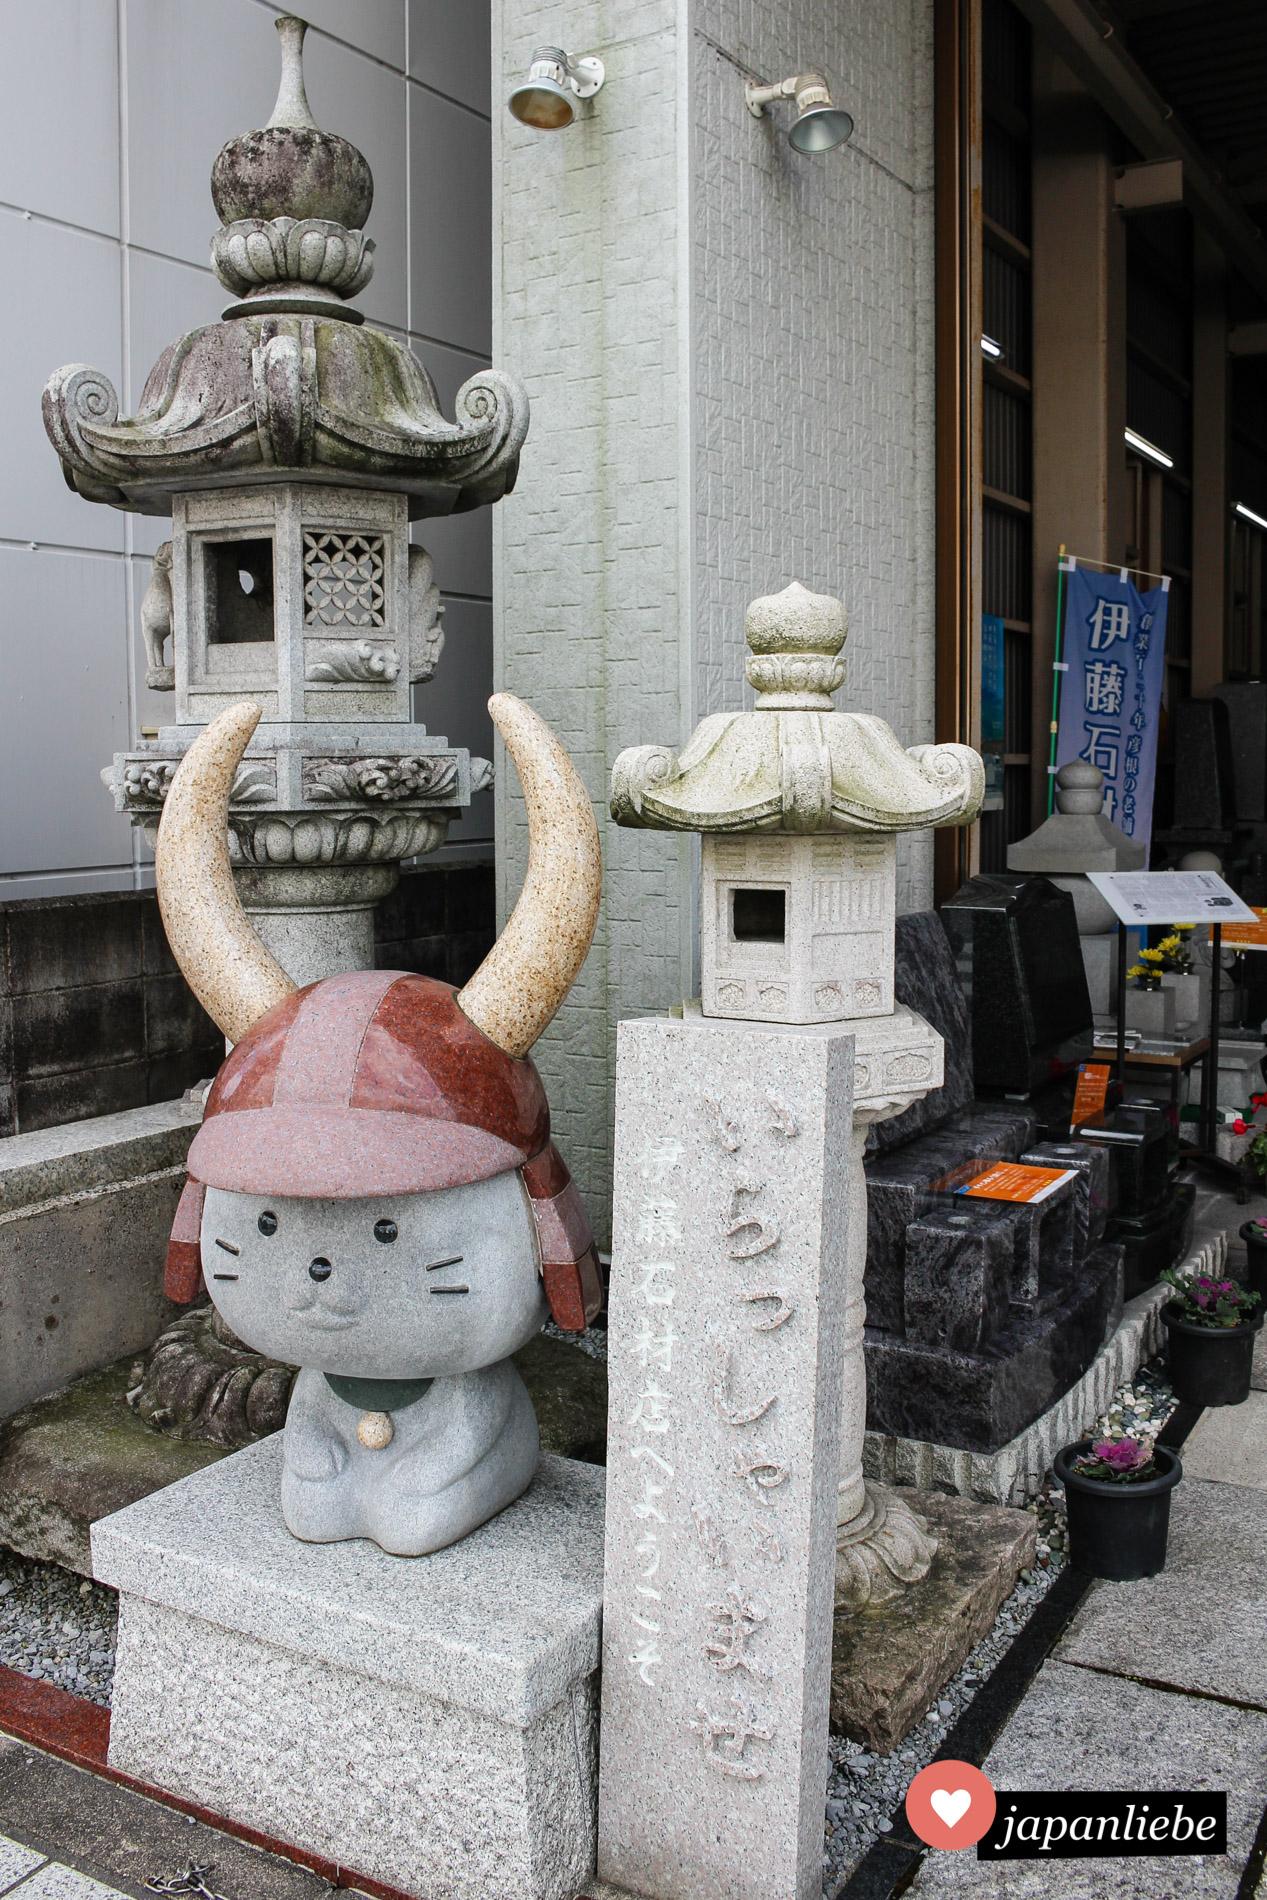 Selbst in Stein wurde das beliebte Maskottchen in Hikone mittlerweile verewigt.